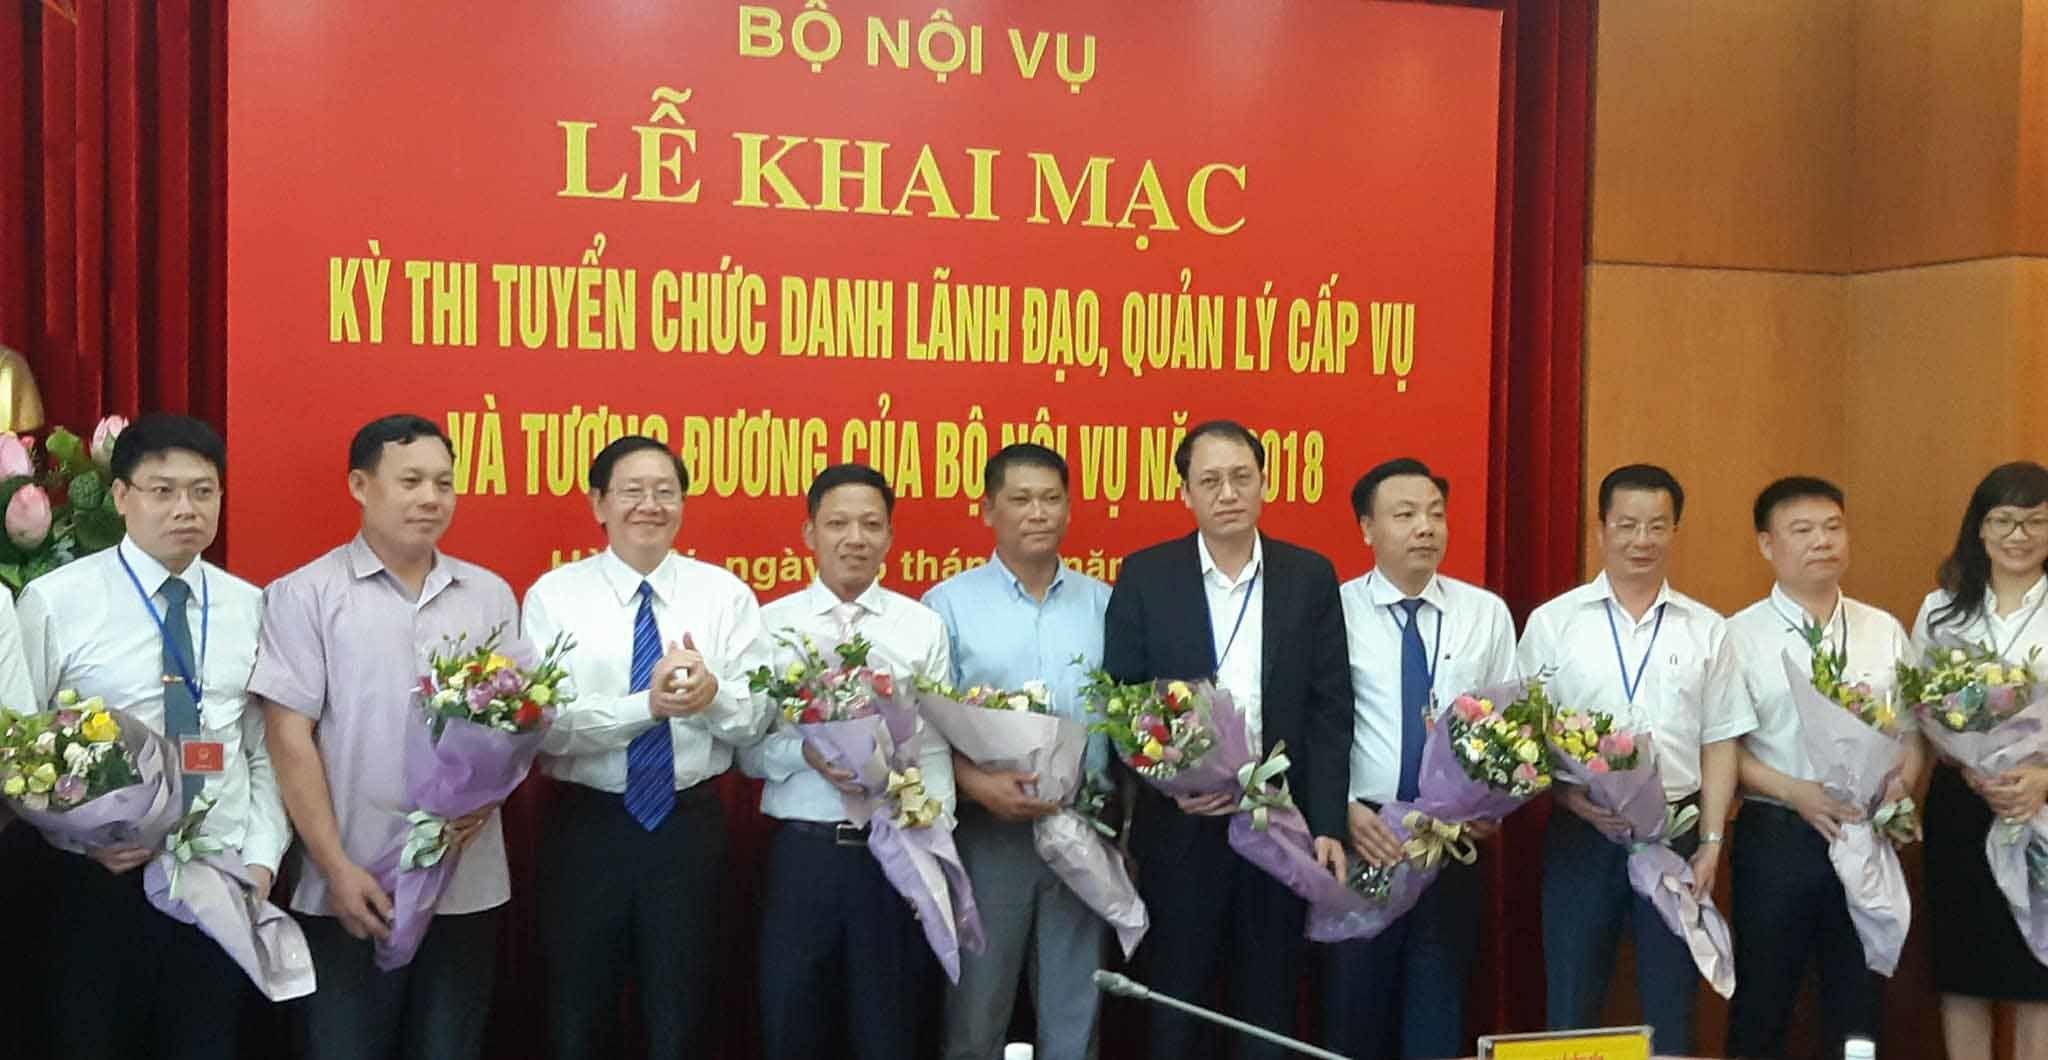 Bộ trưởng Nội vụ,Lê Vĩnh Tân,thi tuyển lãnh đạo,chạy chức,chạy quyền,cả họ làm quan,cả nhà làm quan